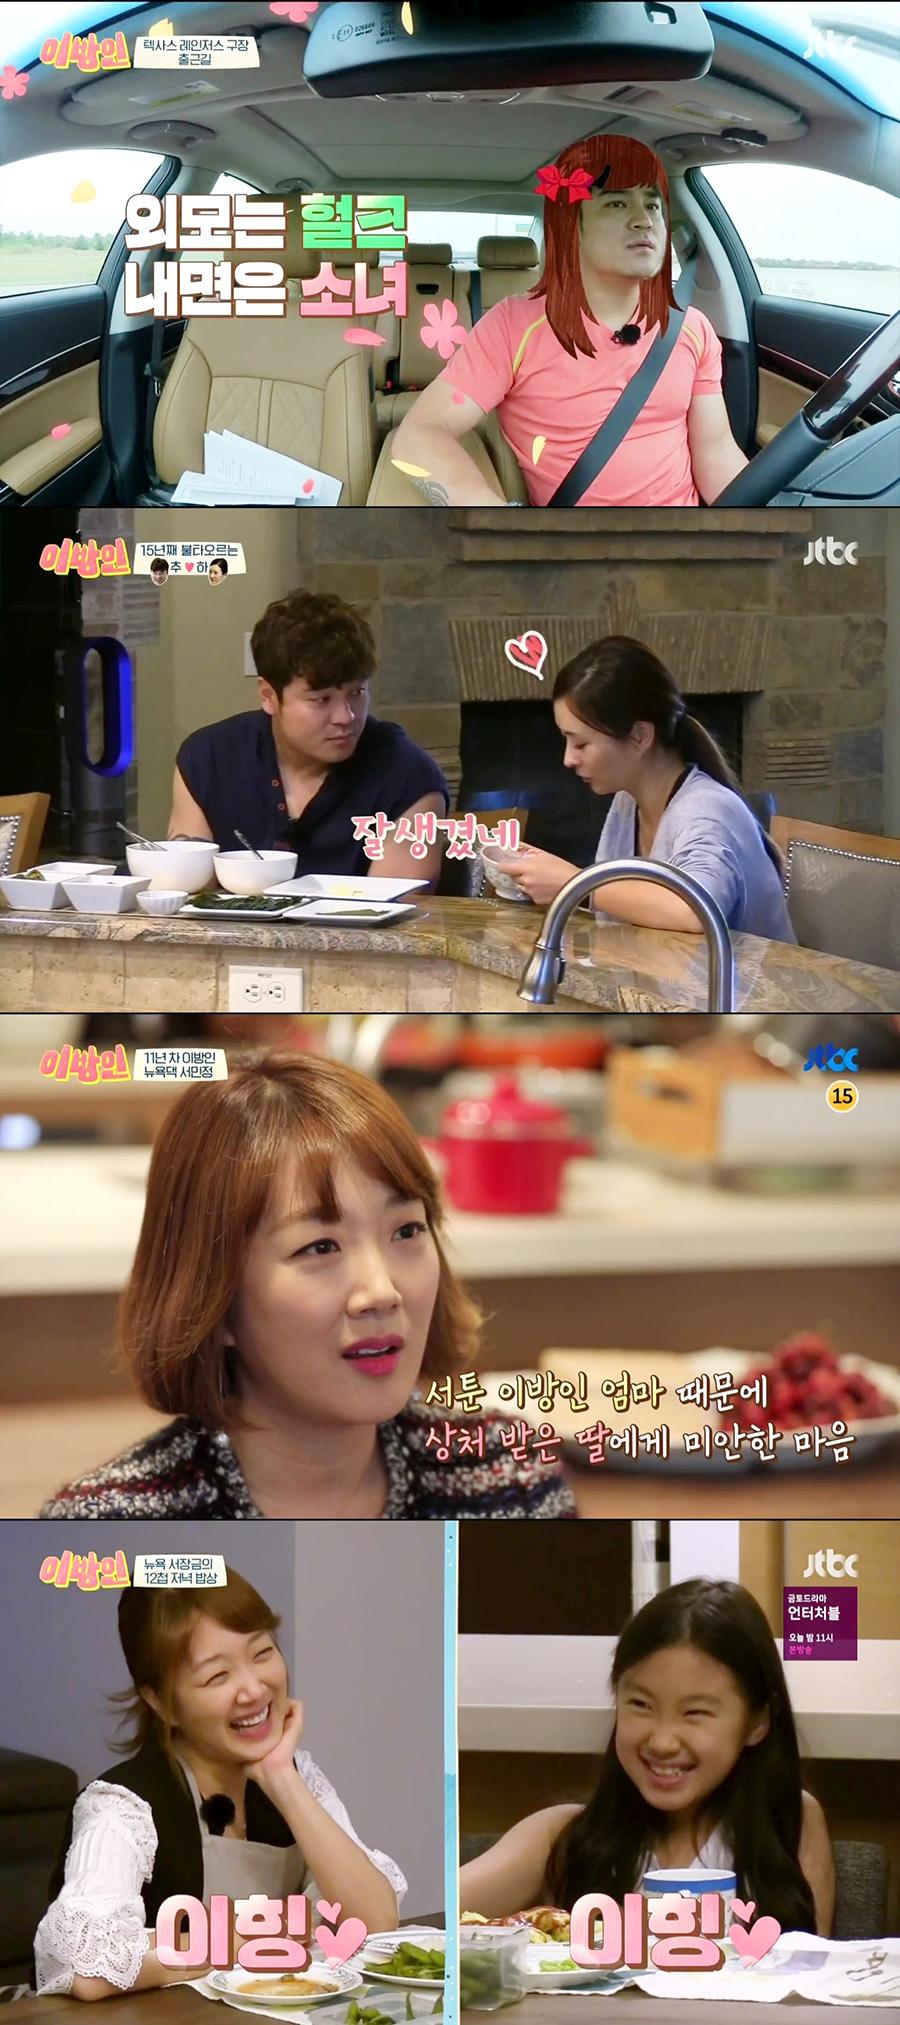 <이방인> '사랑꾼' 추신수+'허당美' 서민정의 리얼한 타향살이..성공적 출발